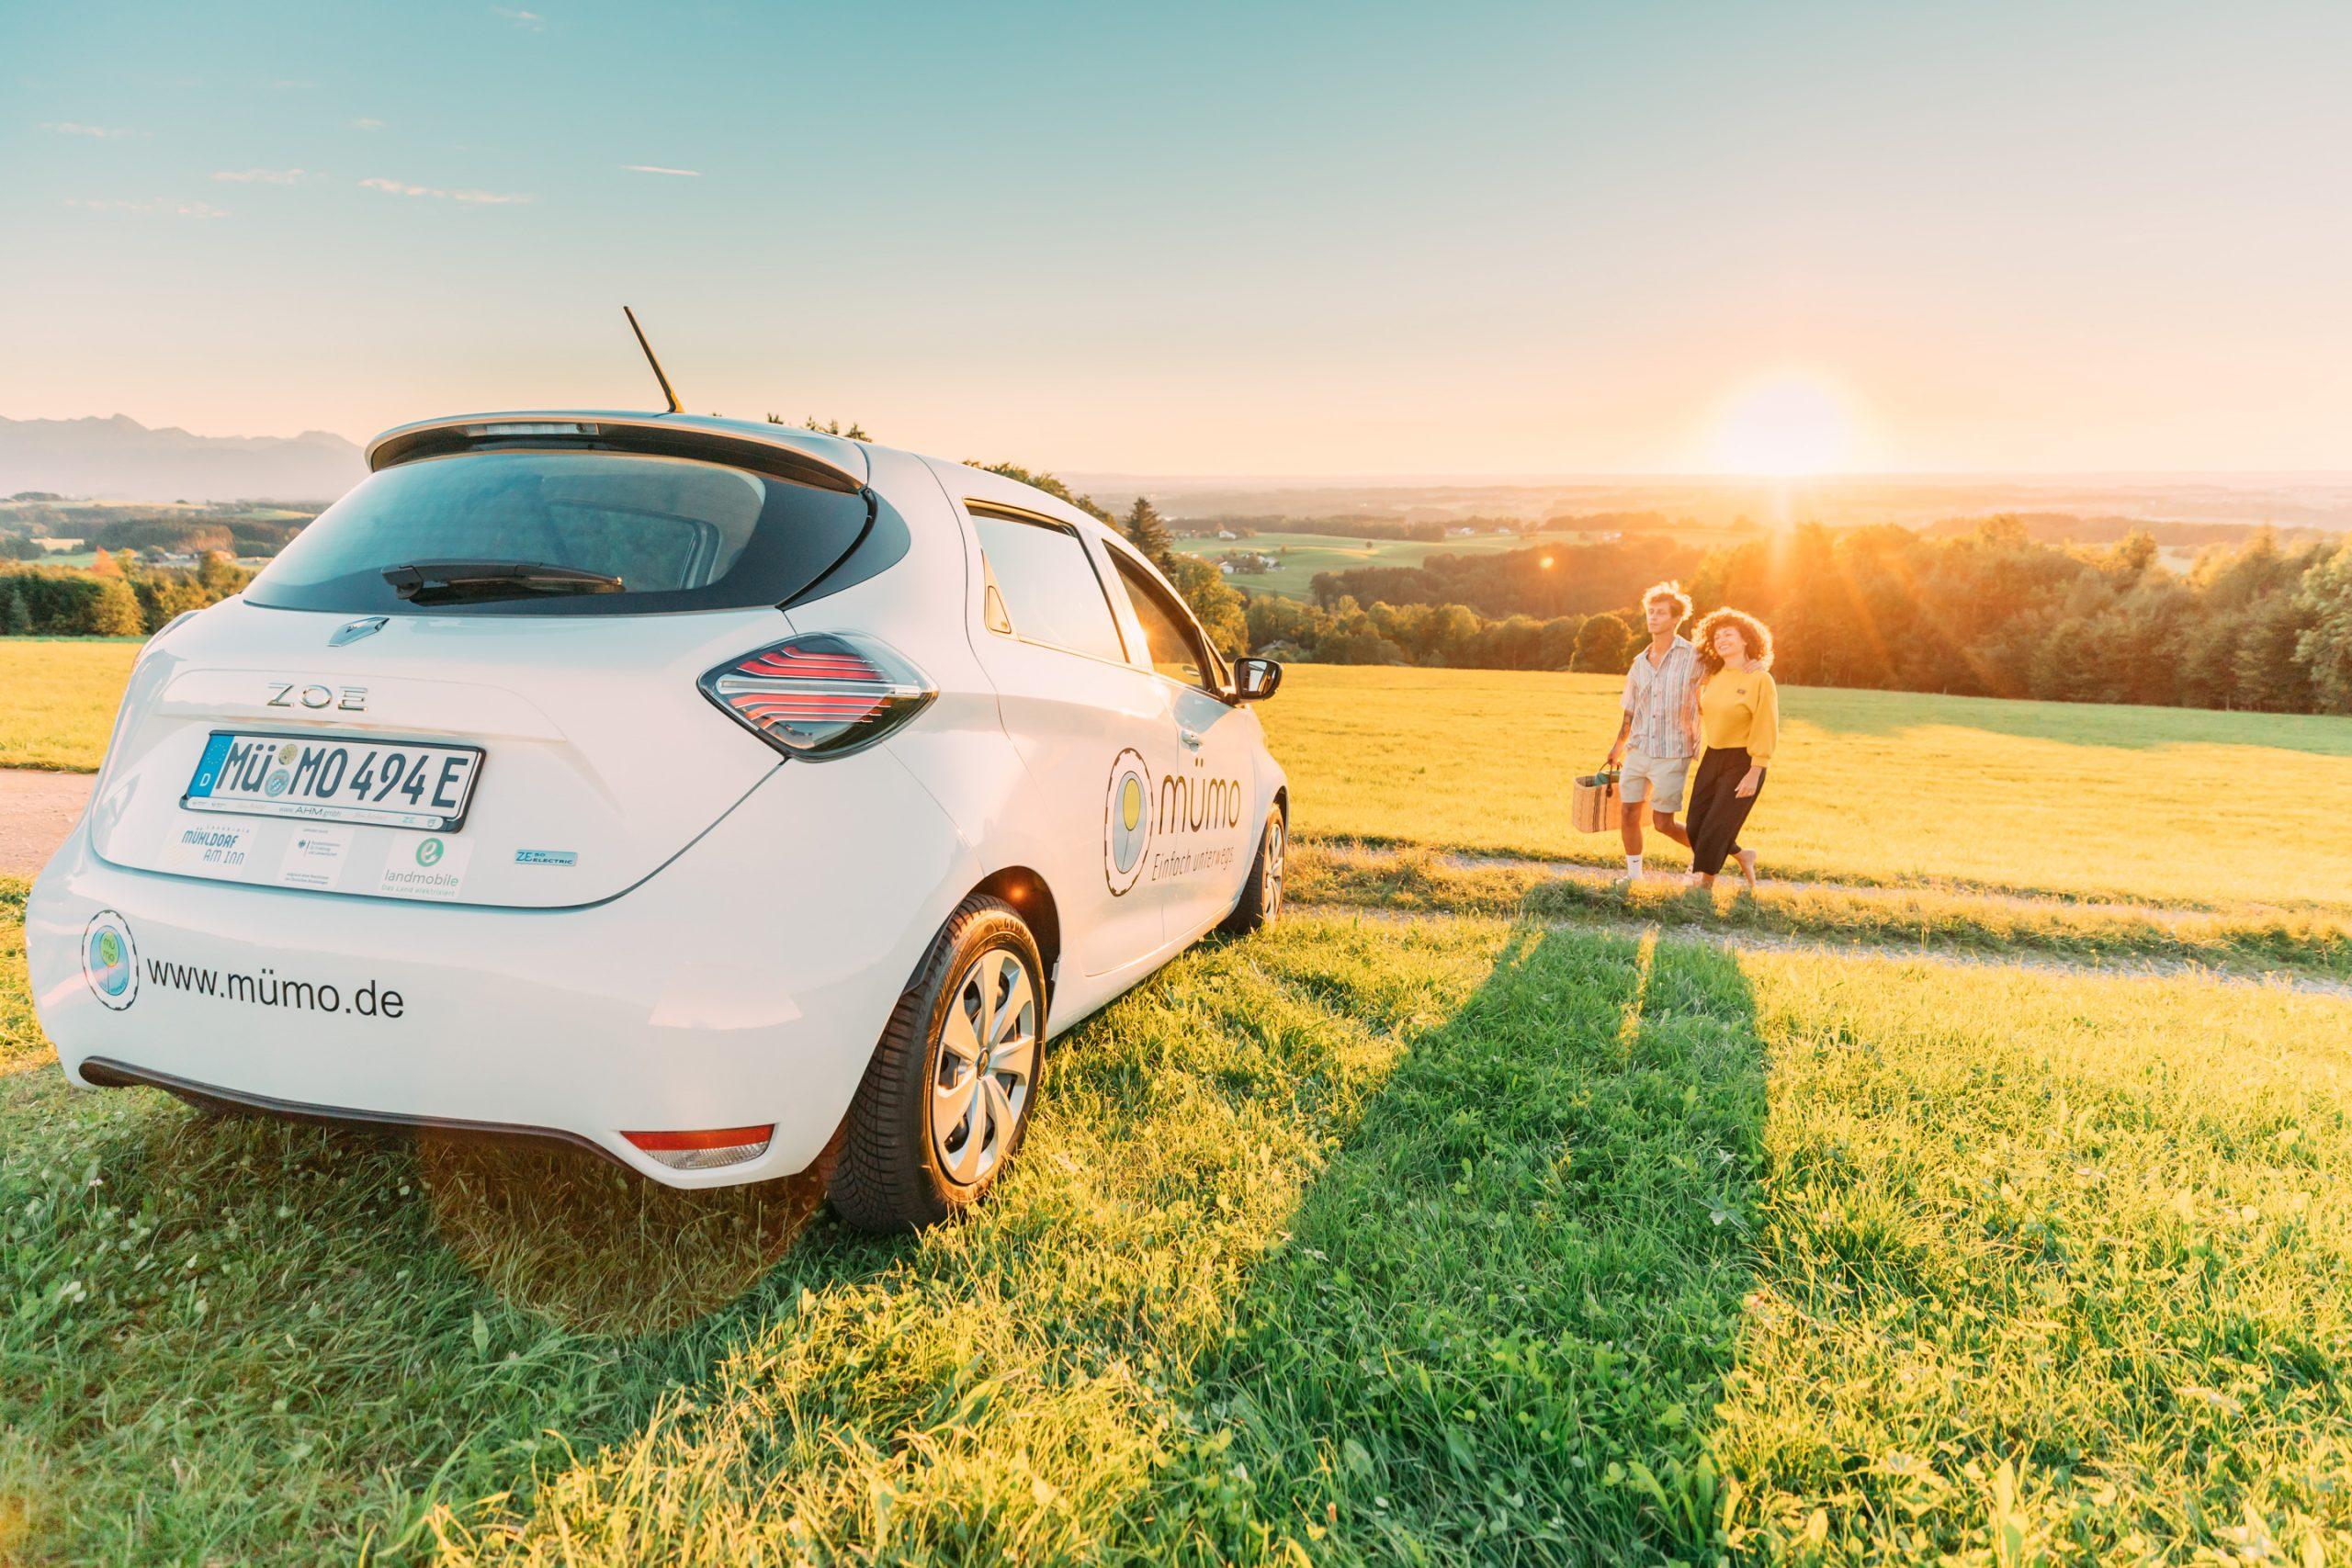 vom Picknick im Sonnenuntergang geht das Pärchen zurück zum Auto Renault Zoe